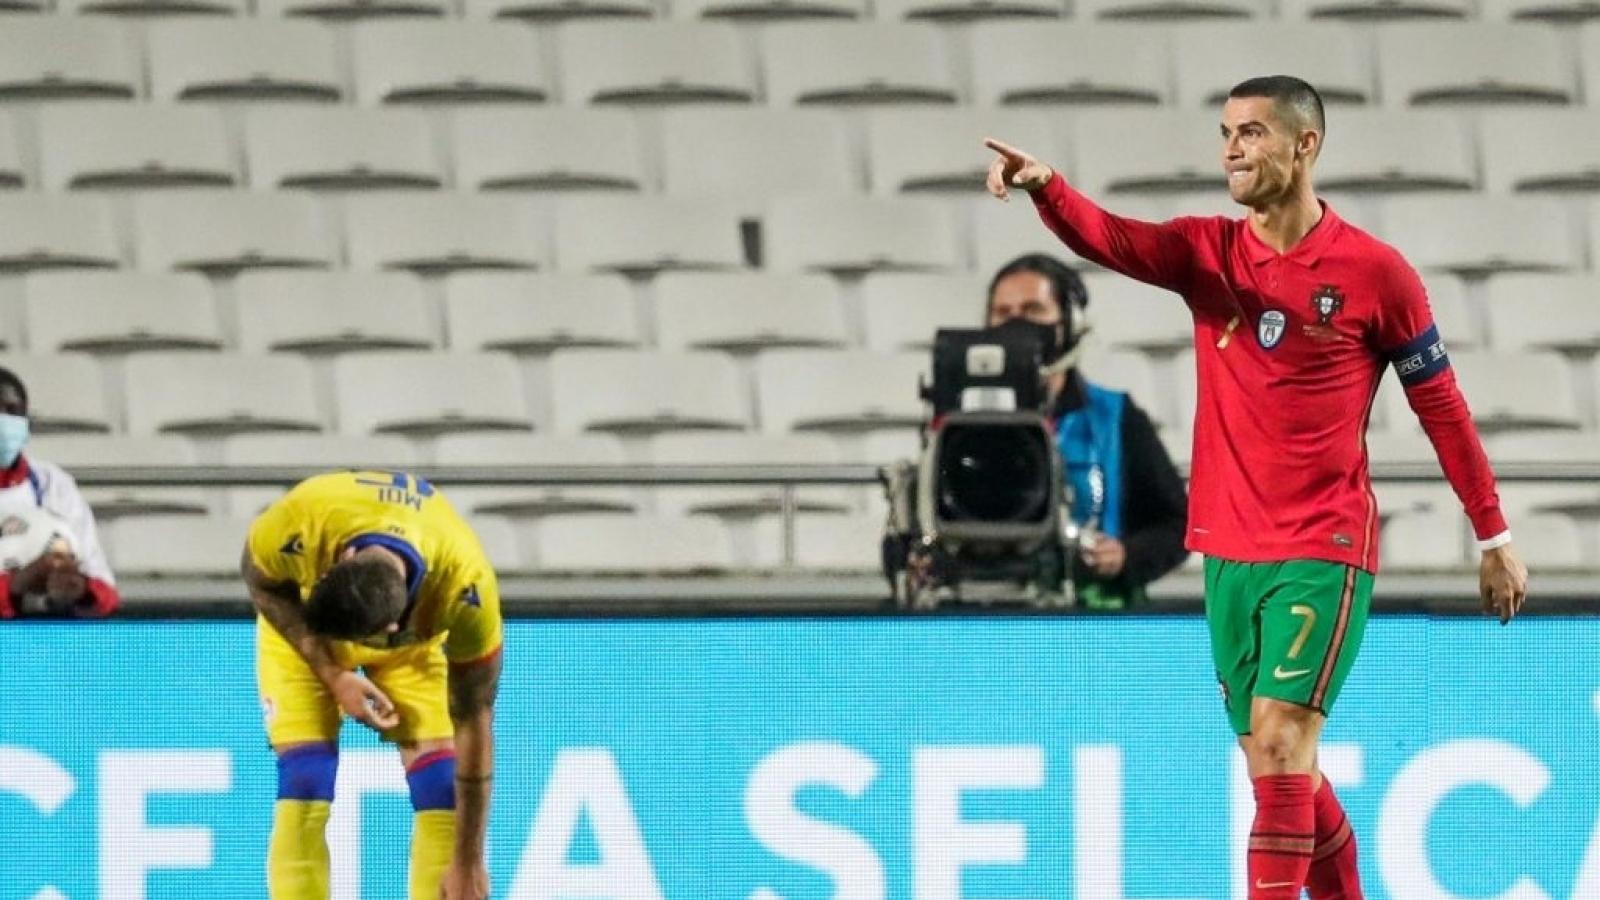 """Đội hình """"siêu tấn công"""" có thể giúp Bồ Đào Nha đánh bại Pháp"""